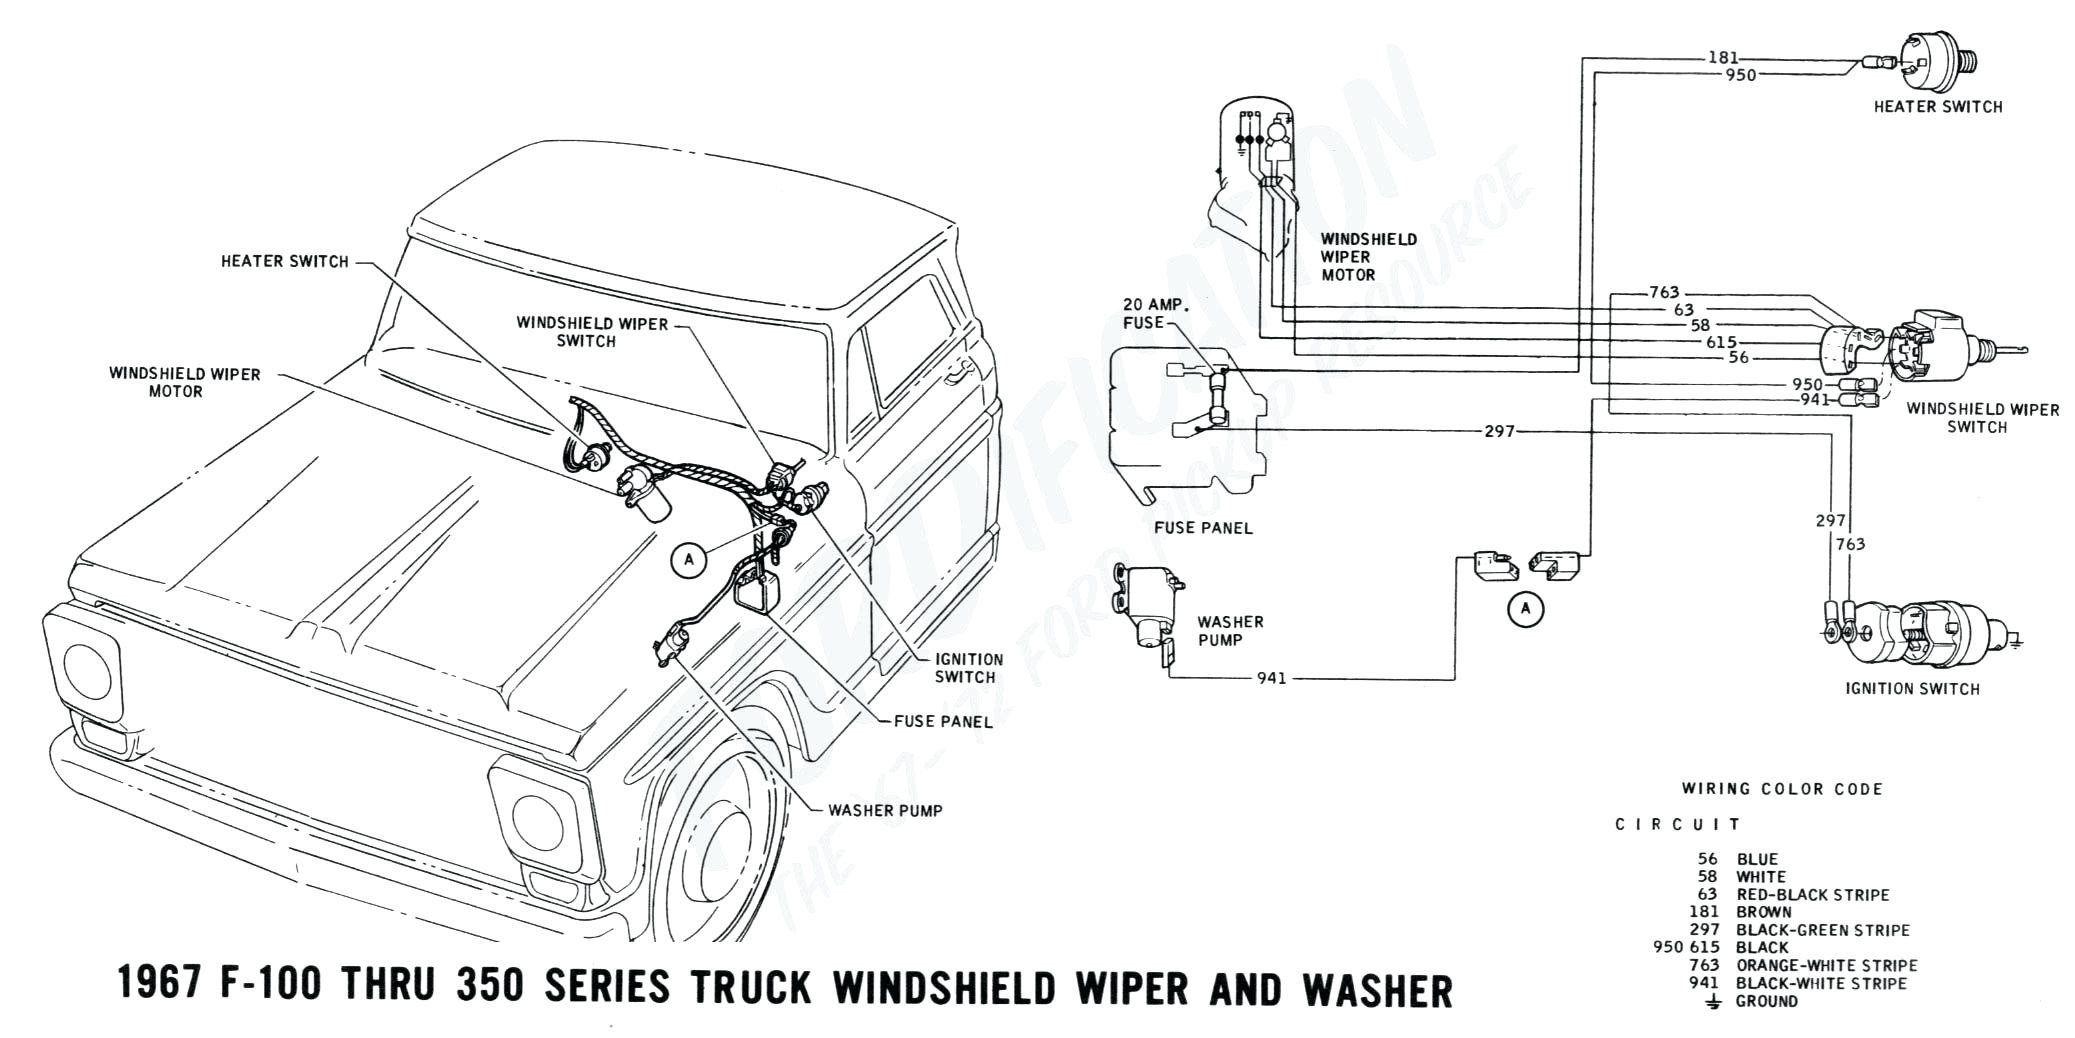 medium resolution of ford f 150 wiper motor wiring most exciting wiring diagram ford f 150 wiper motor wiring